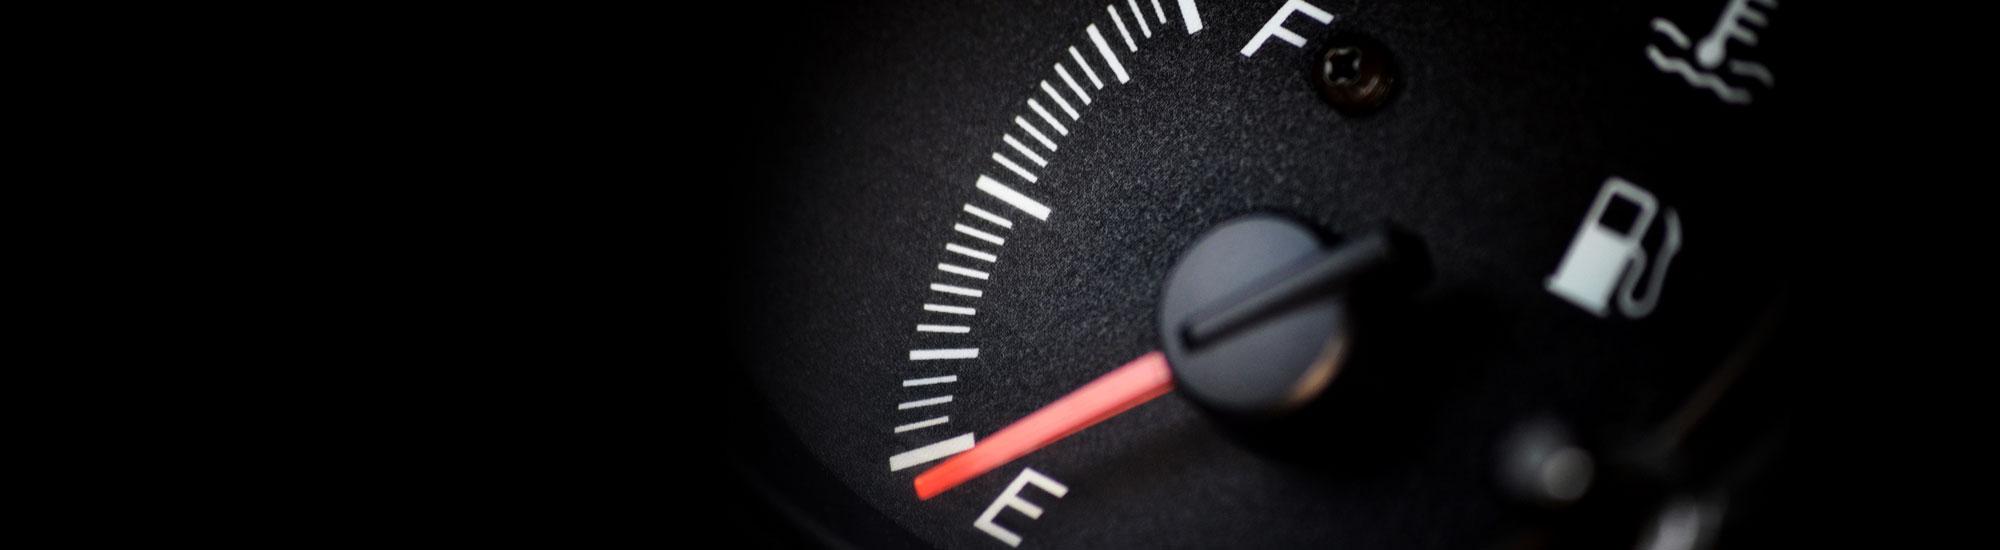 Способы контроля расхода топлива